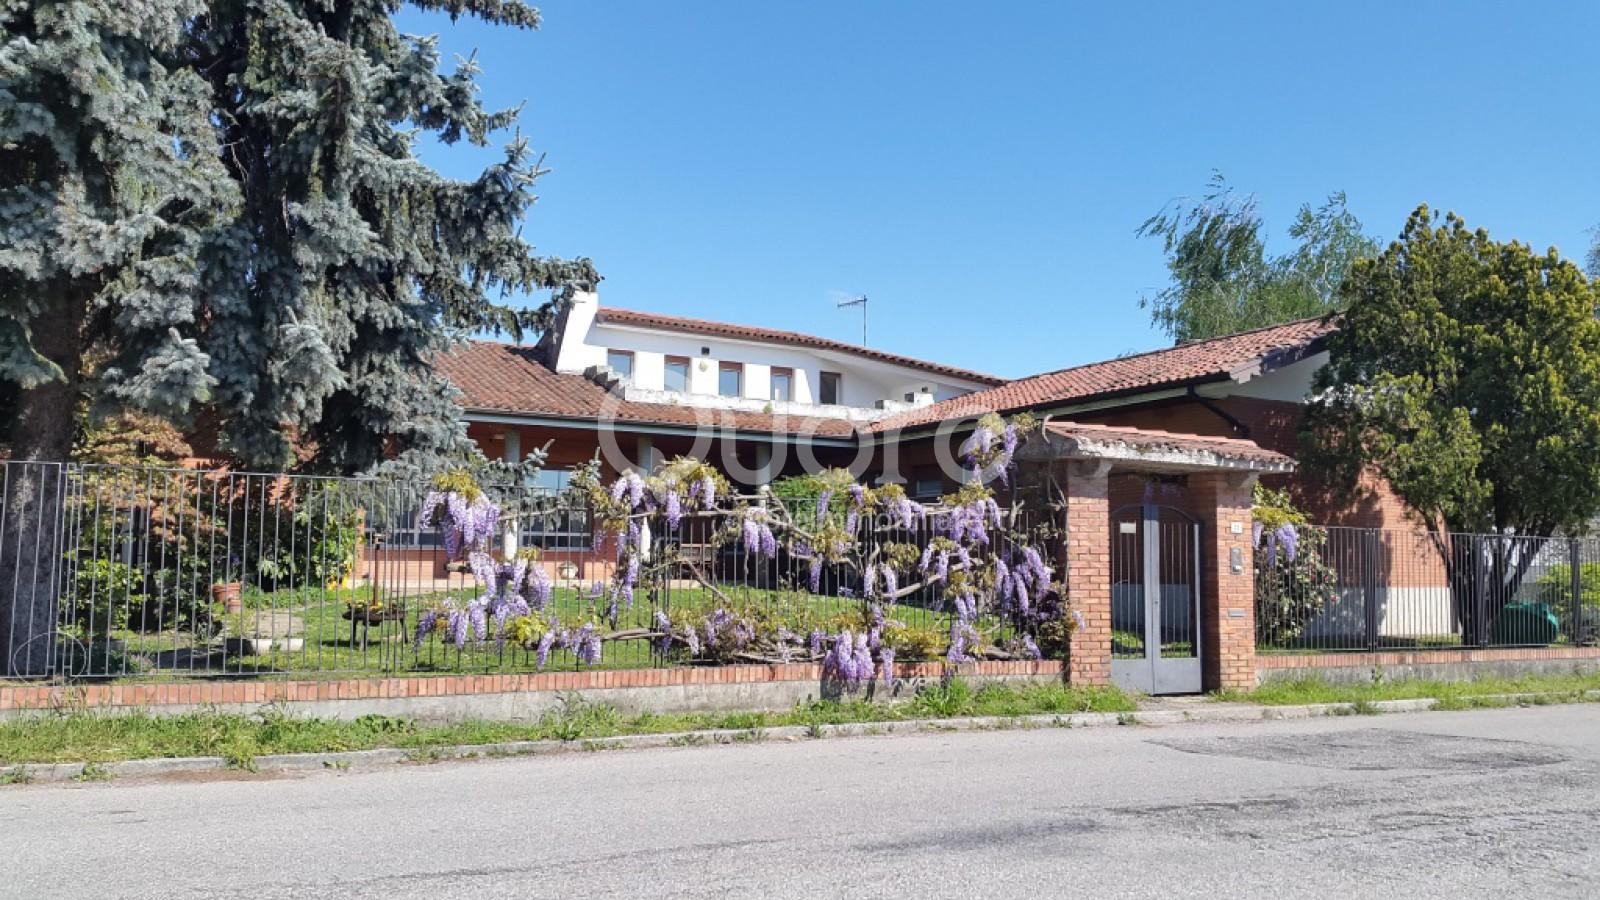 Villa in vendita a Reana del Rojale, 8 locali, prezzo € 270.000 | Cambio Casa.it